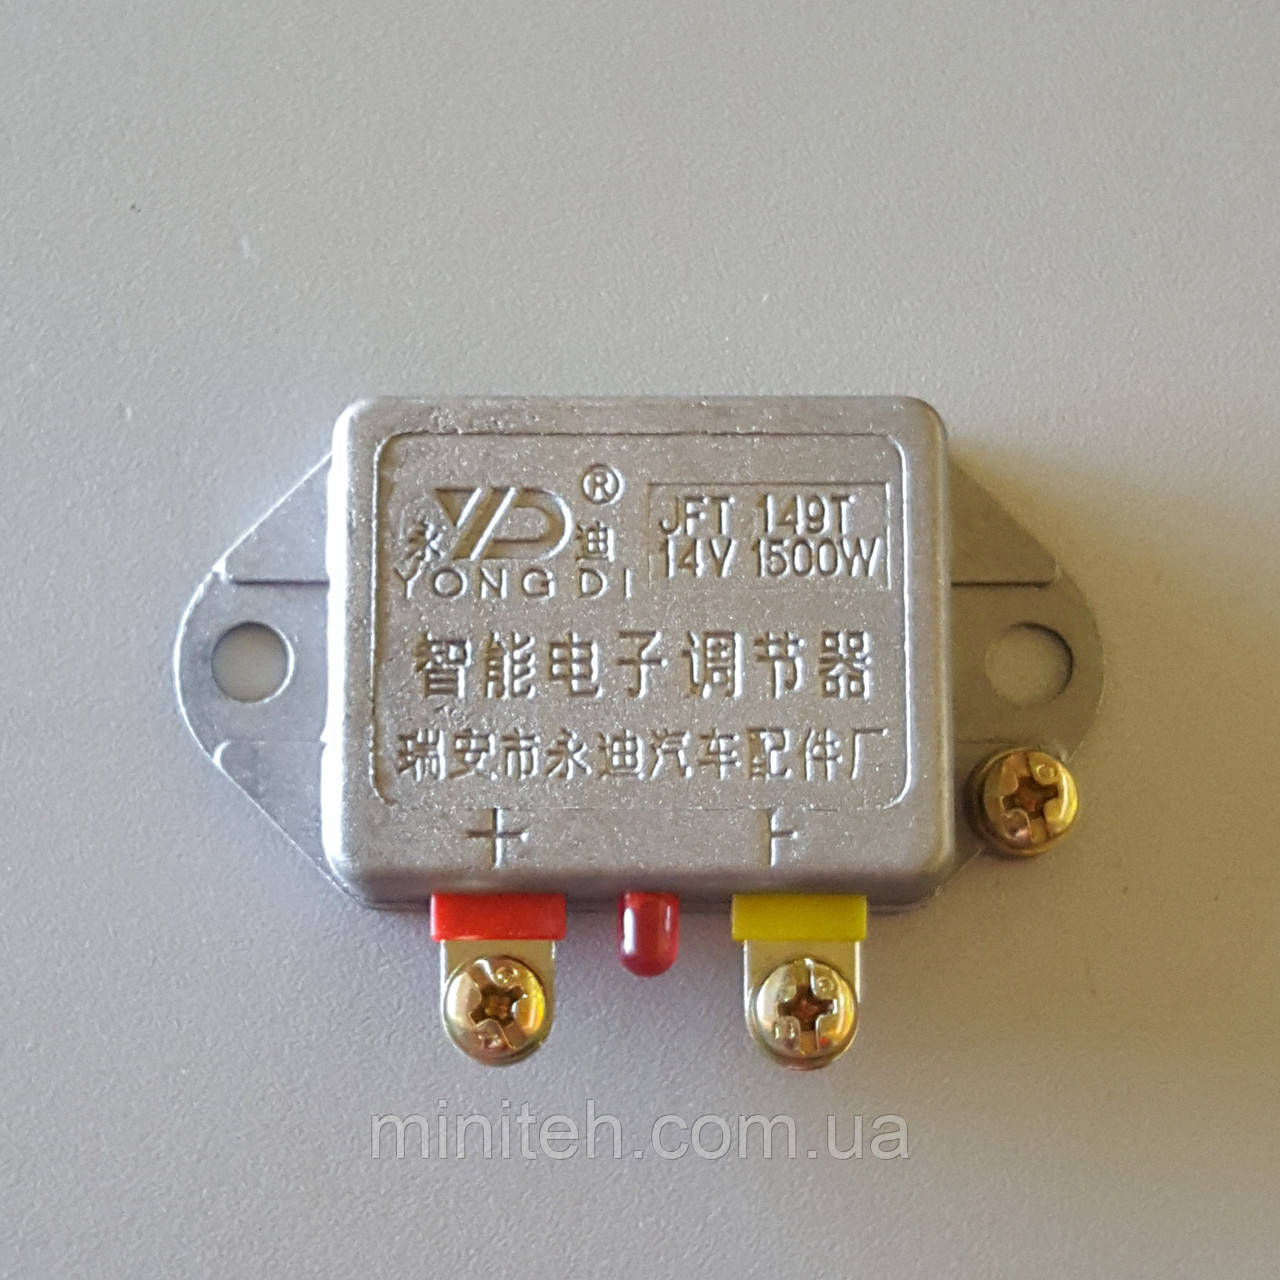 Реле зарядки JFT149 ХТ/DF (14V 1500W)